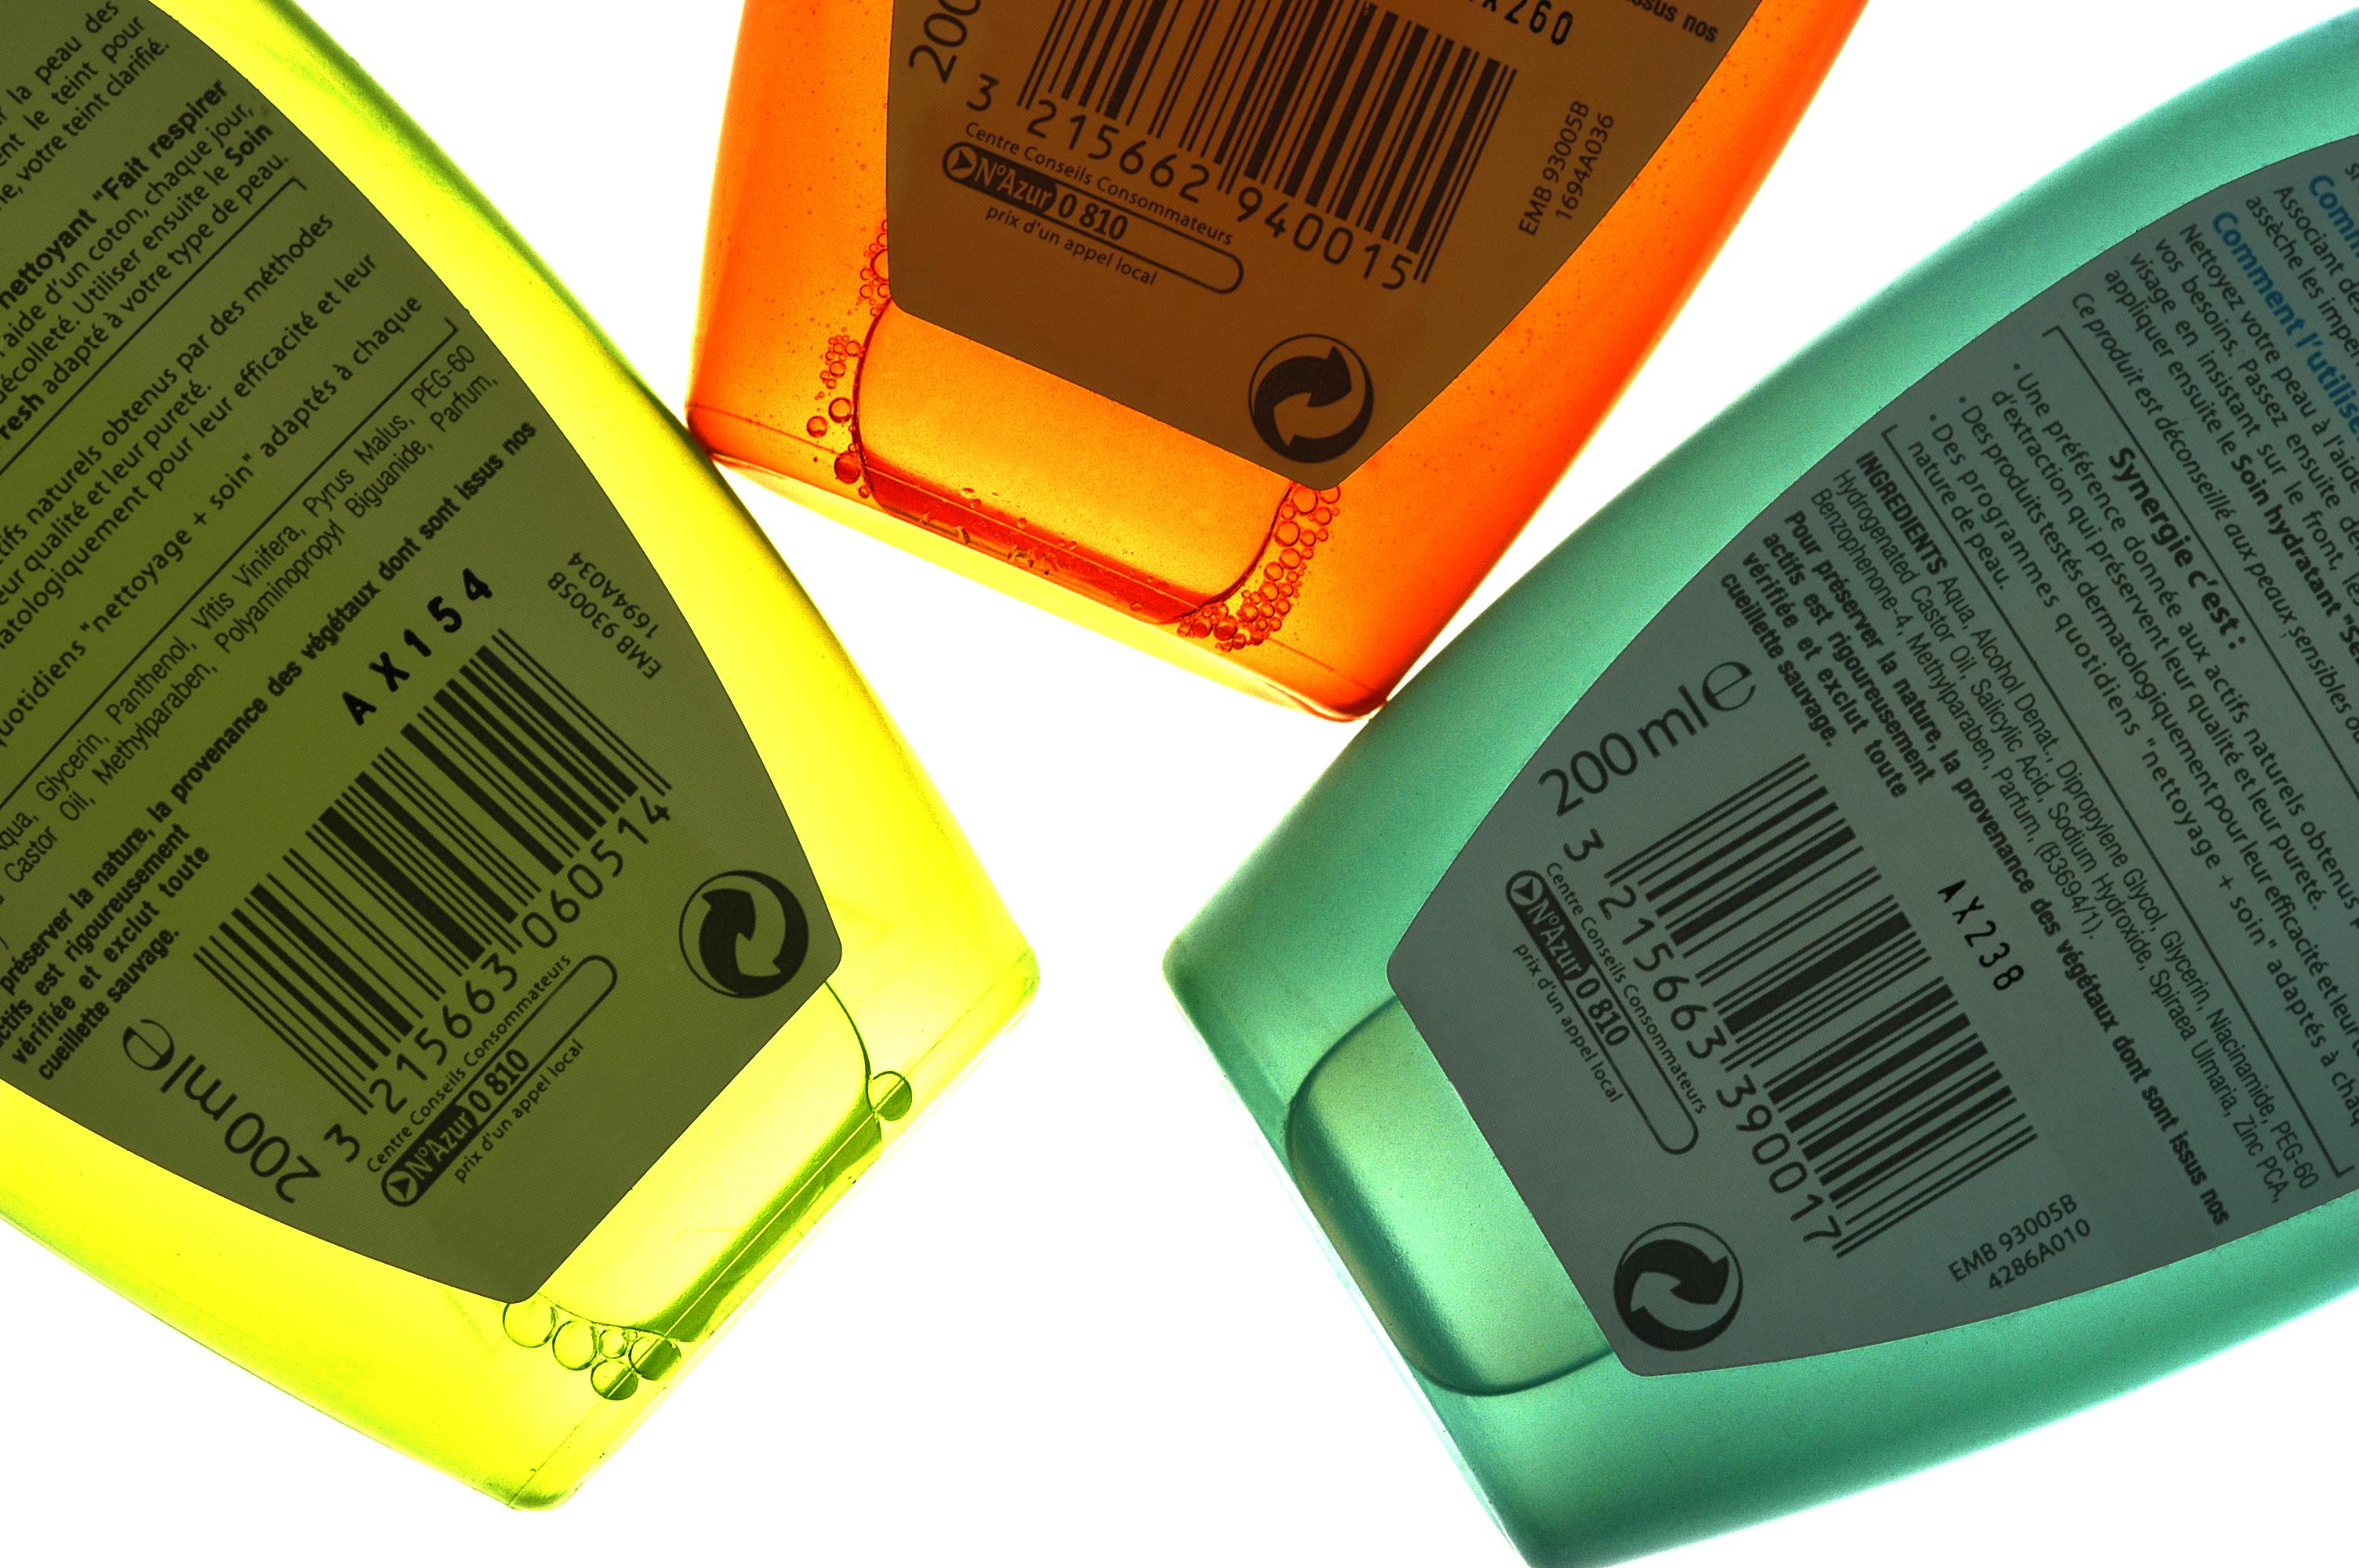 gel douche flacon plastique danger santé environnement